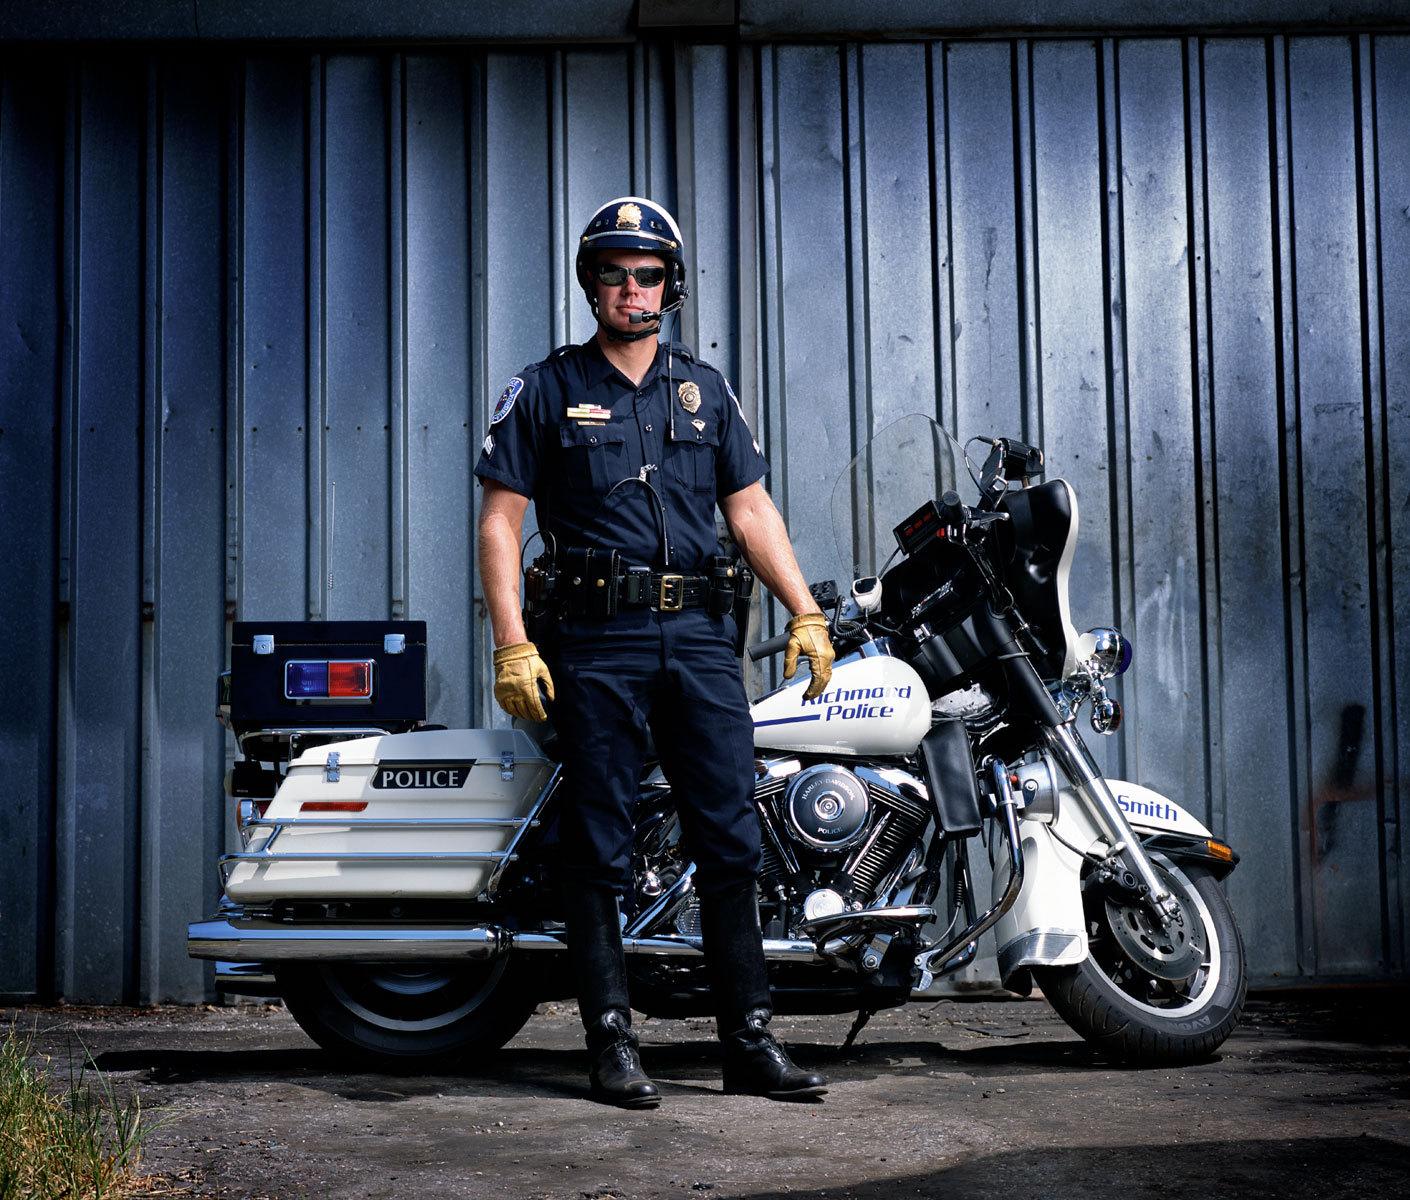 1motorcycle_cop